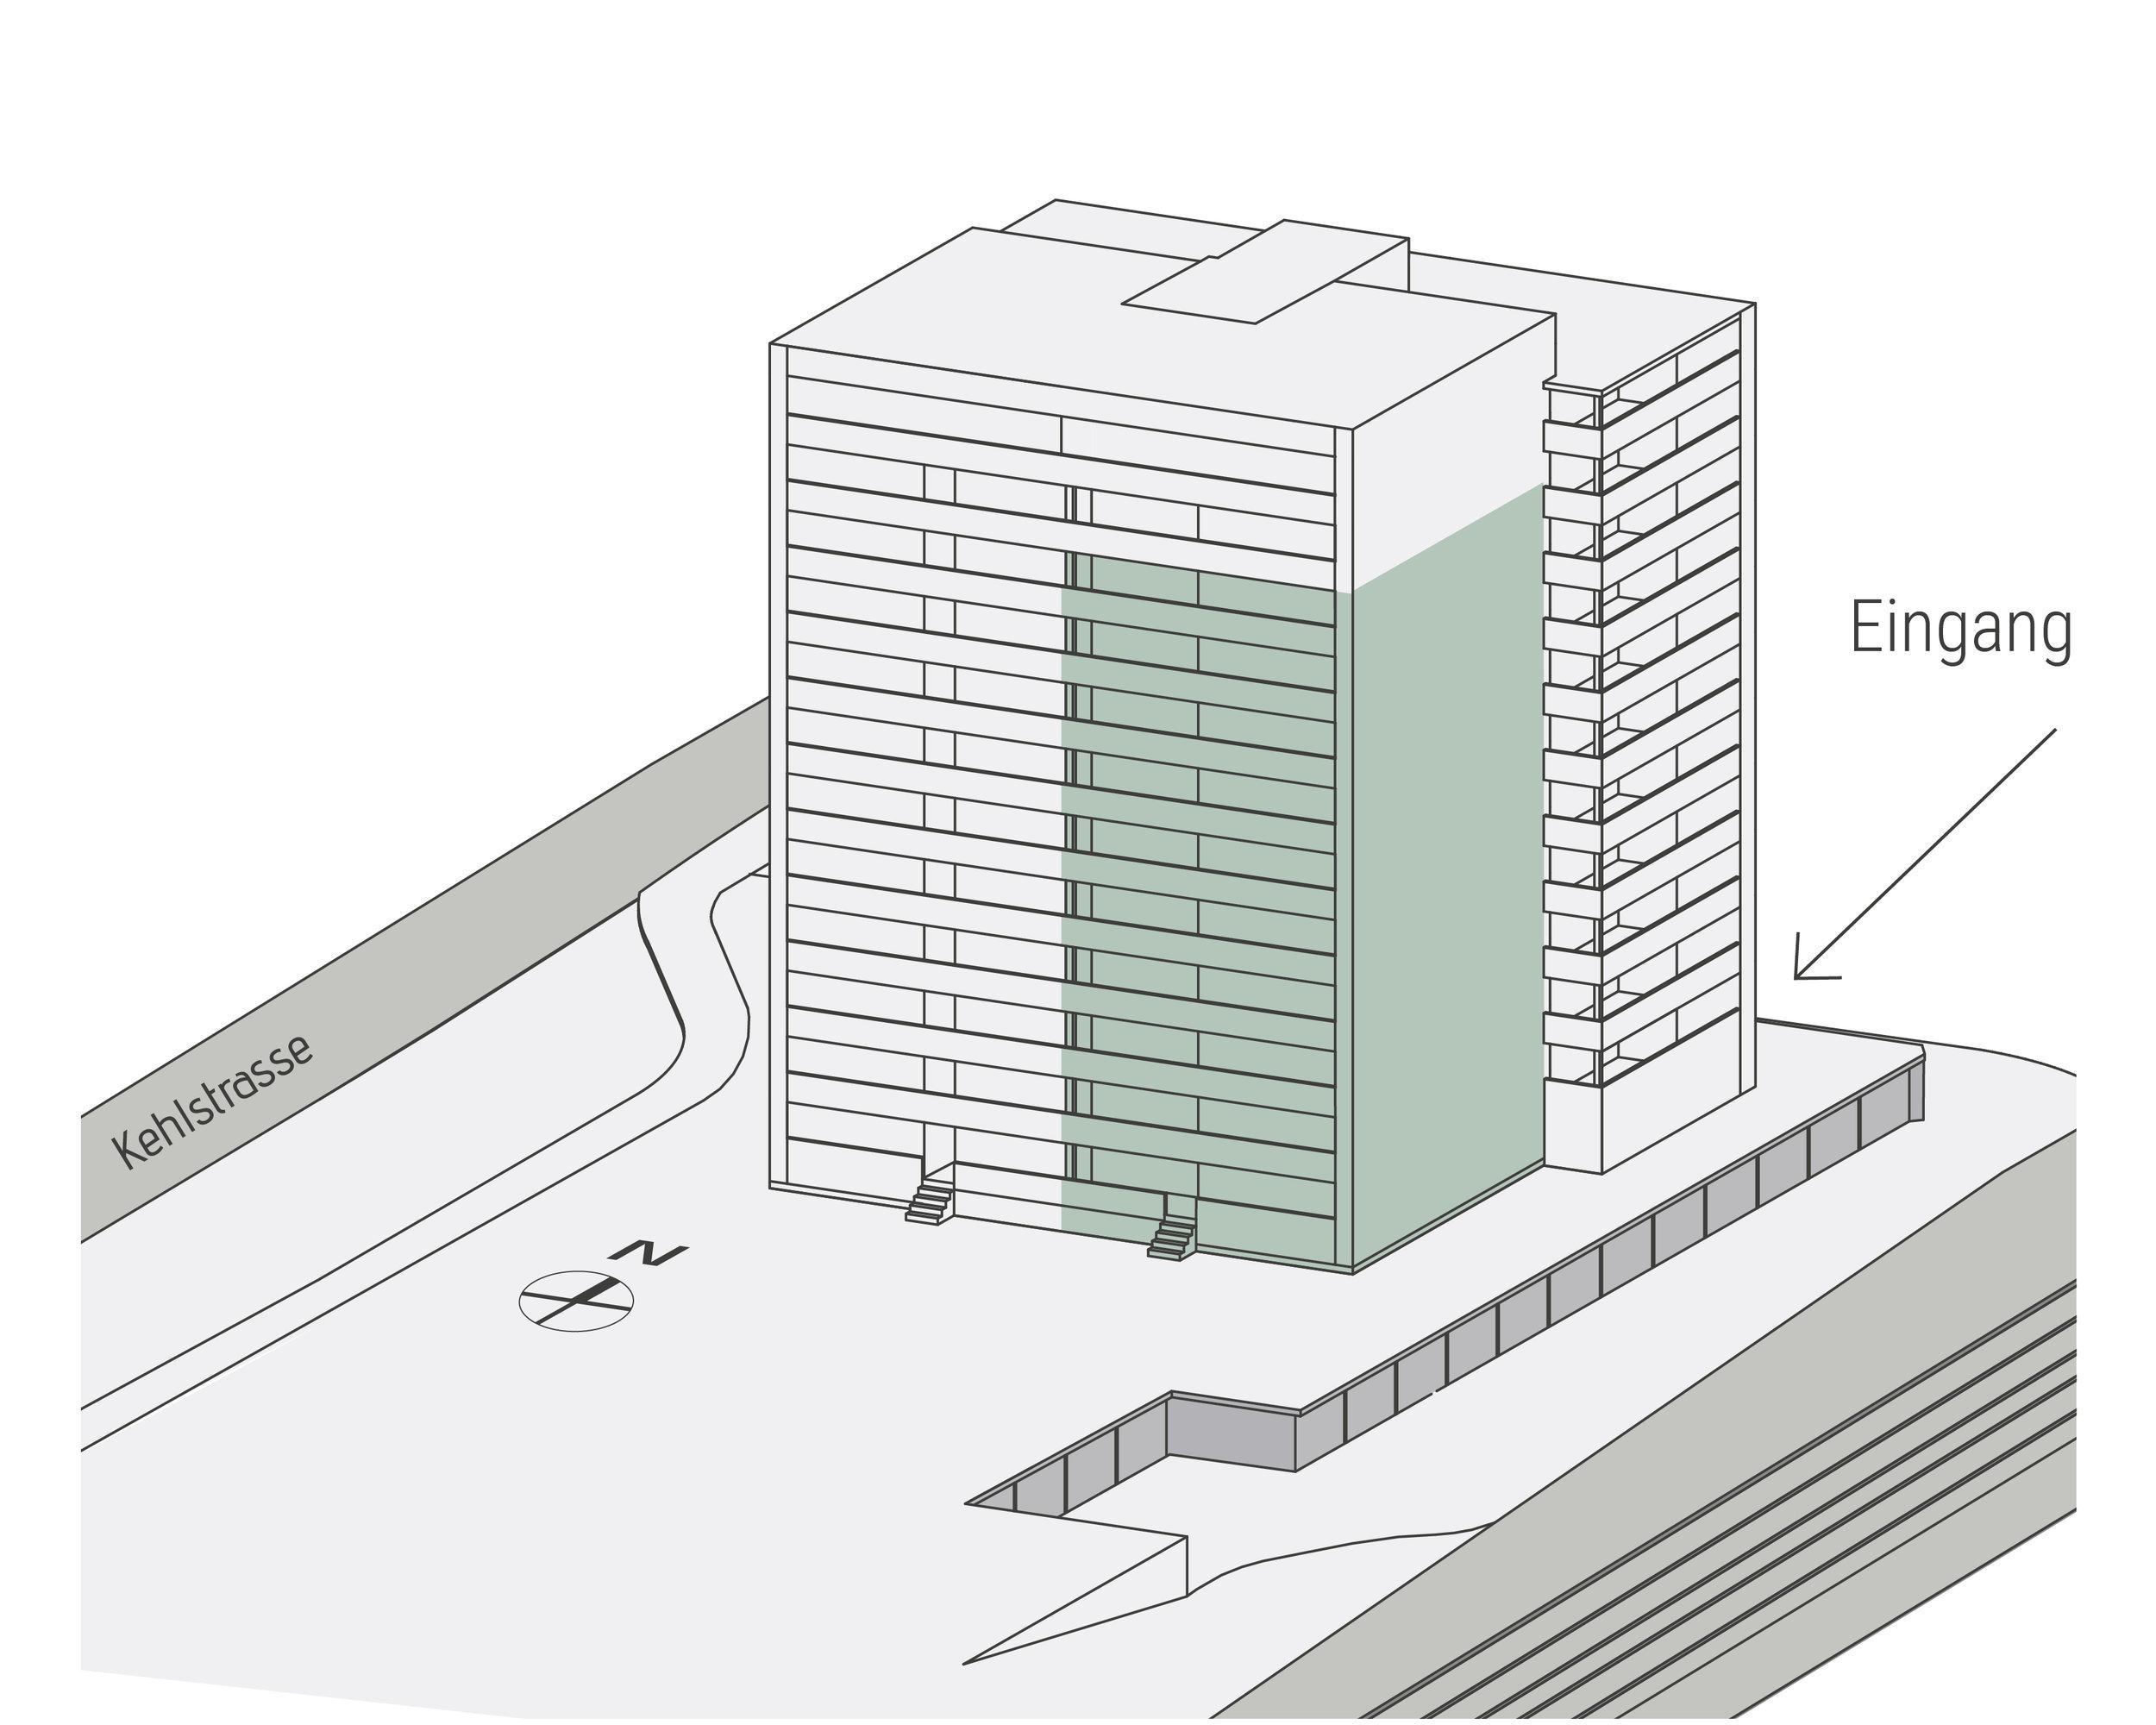 Lage Süd-Ost im Gebäude